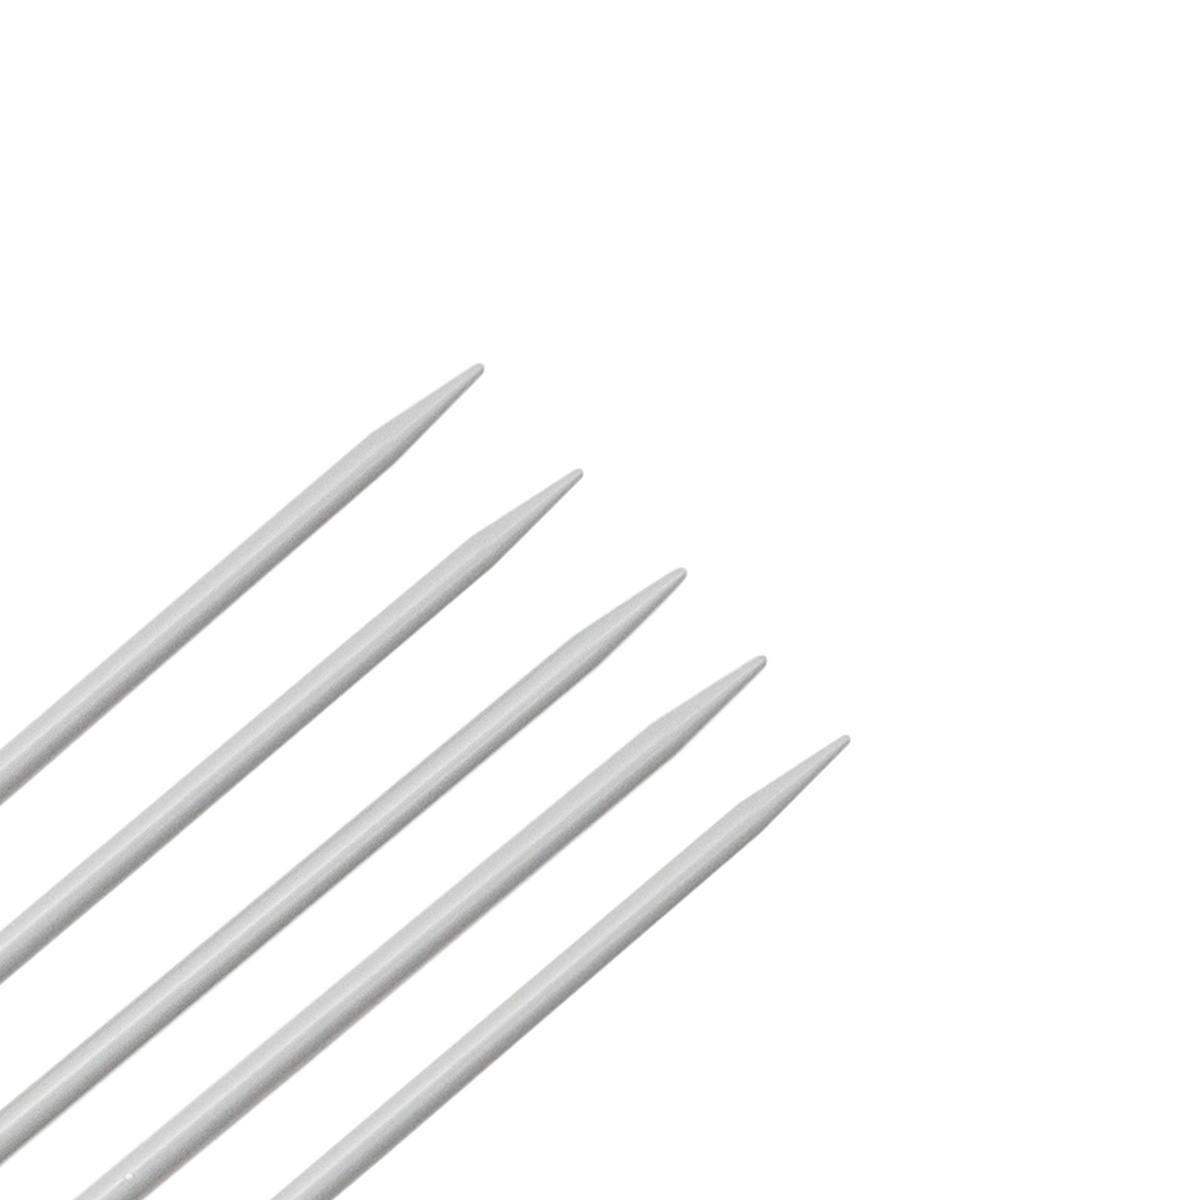 Спицы носочные алюминиевые с покрытием 940535, 20 см, 3,5 мм, Hobby&Pro